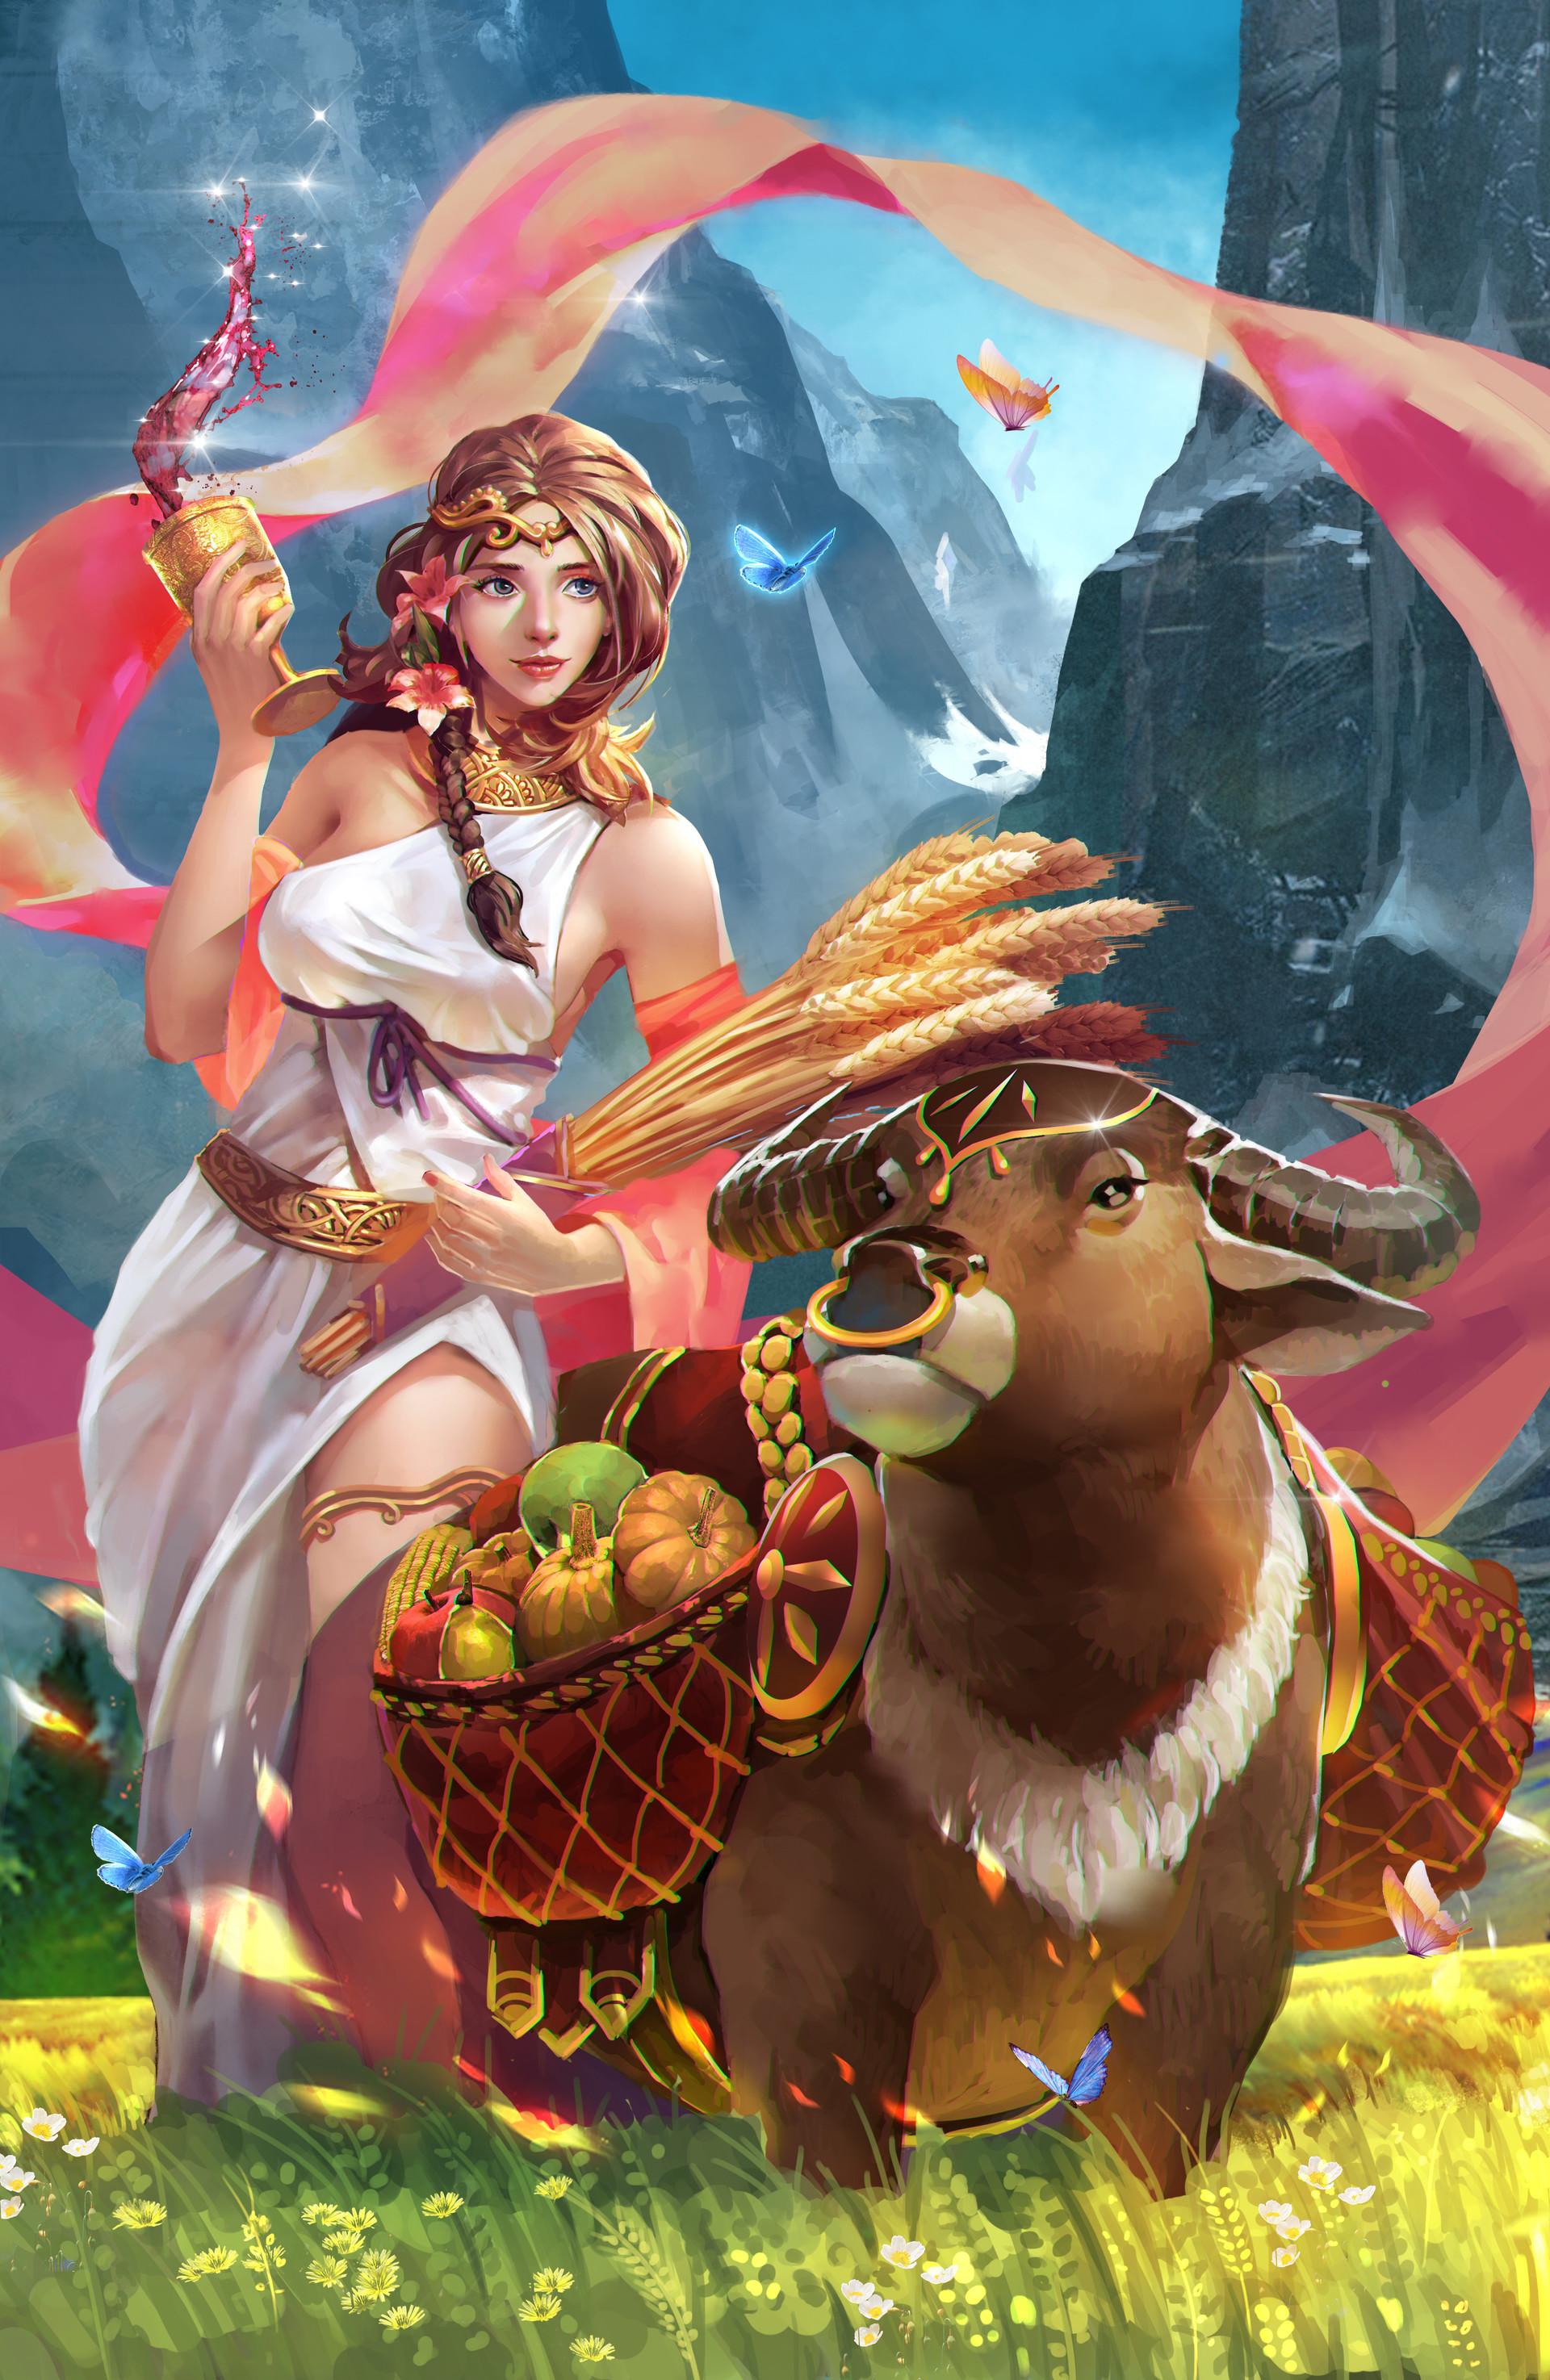 cung hoàng đạo nữ thần Demeter